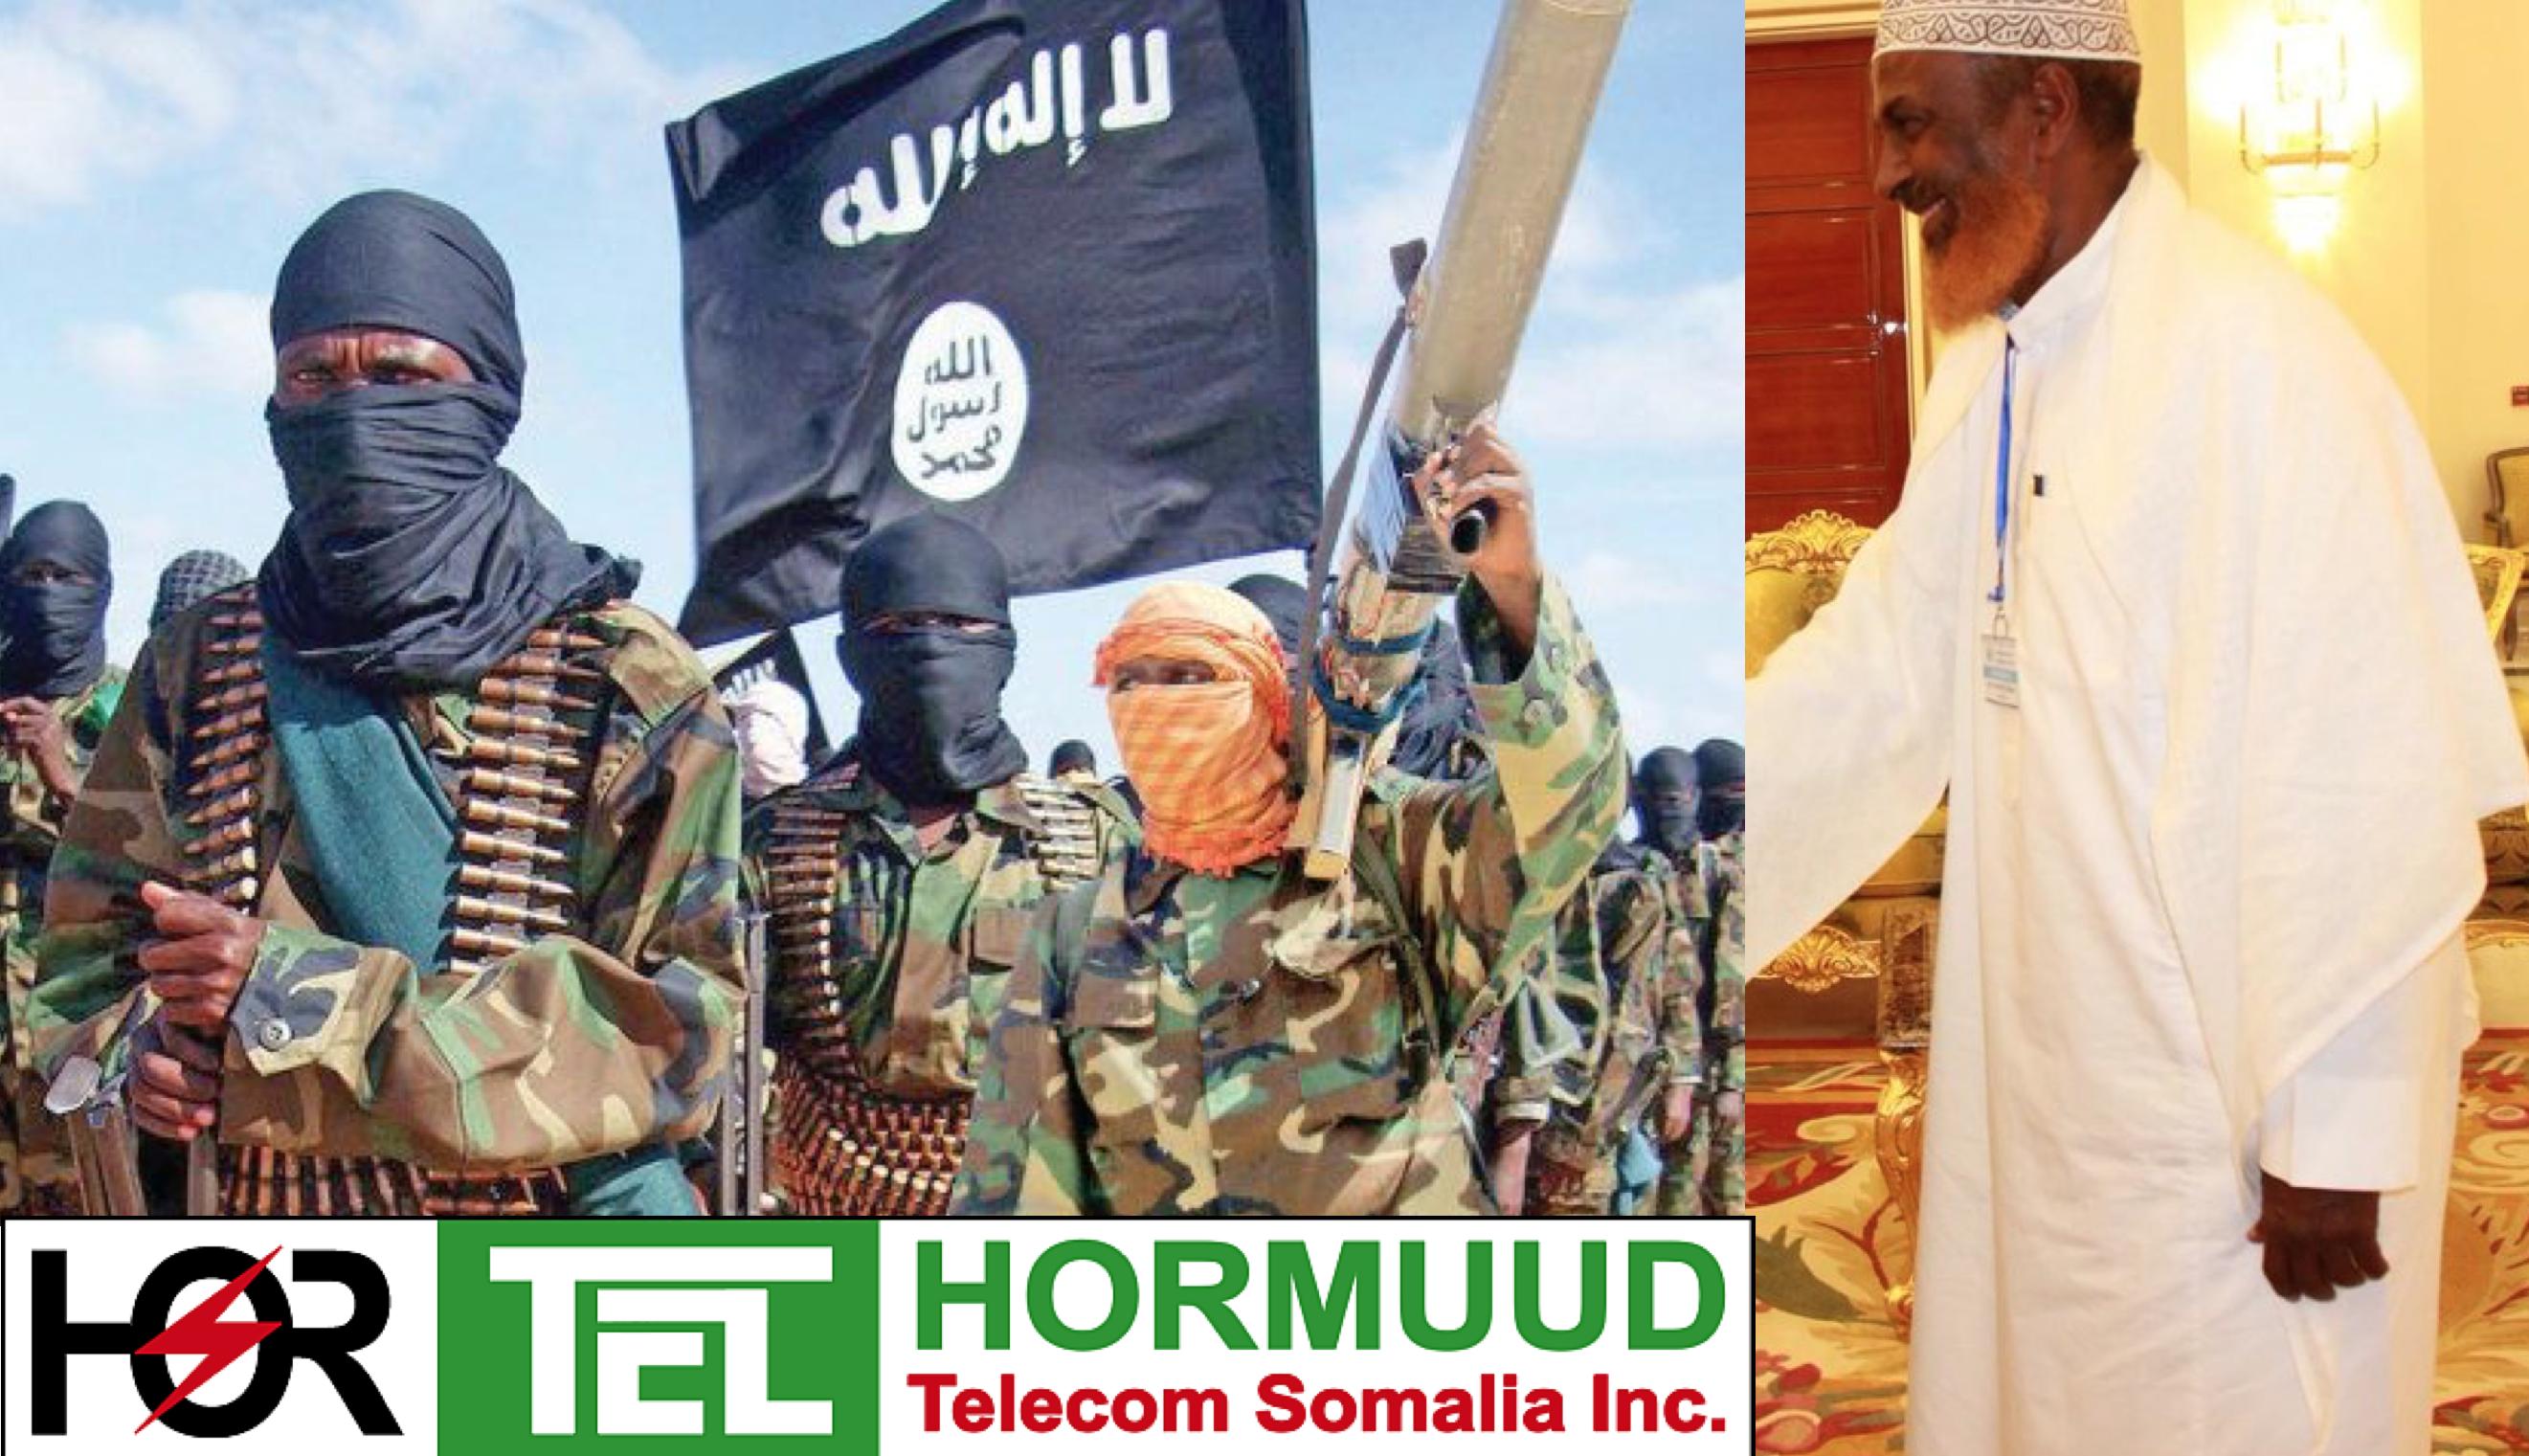 Somalia A Divided Legacy: Hormuud Telecom and Political Islam